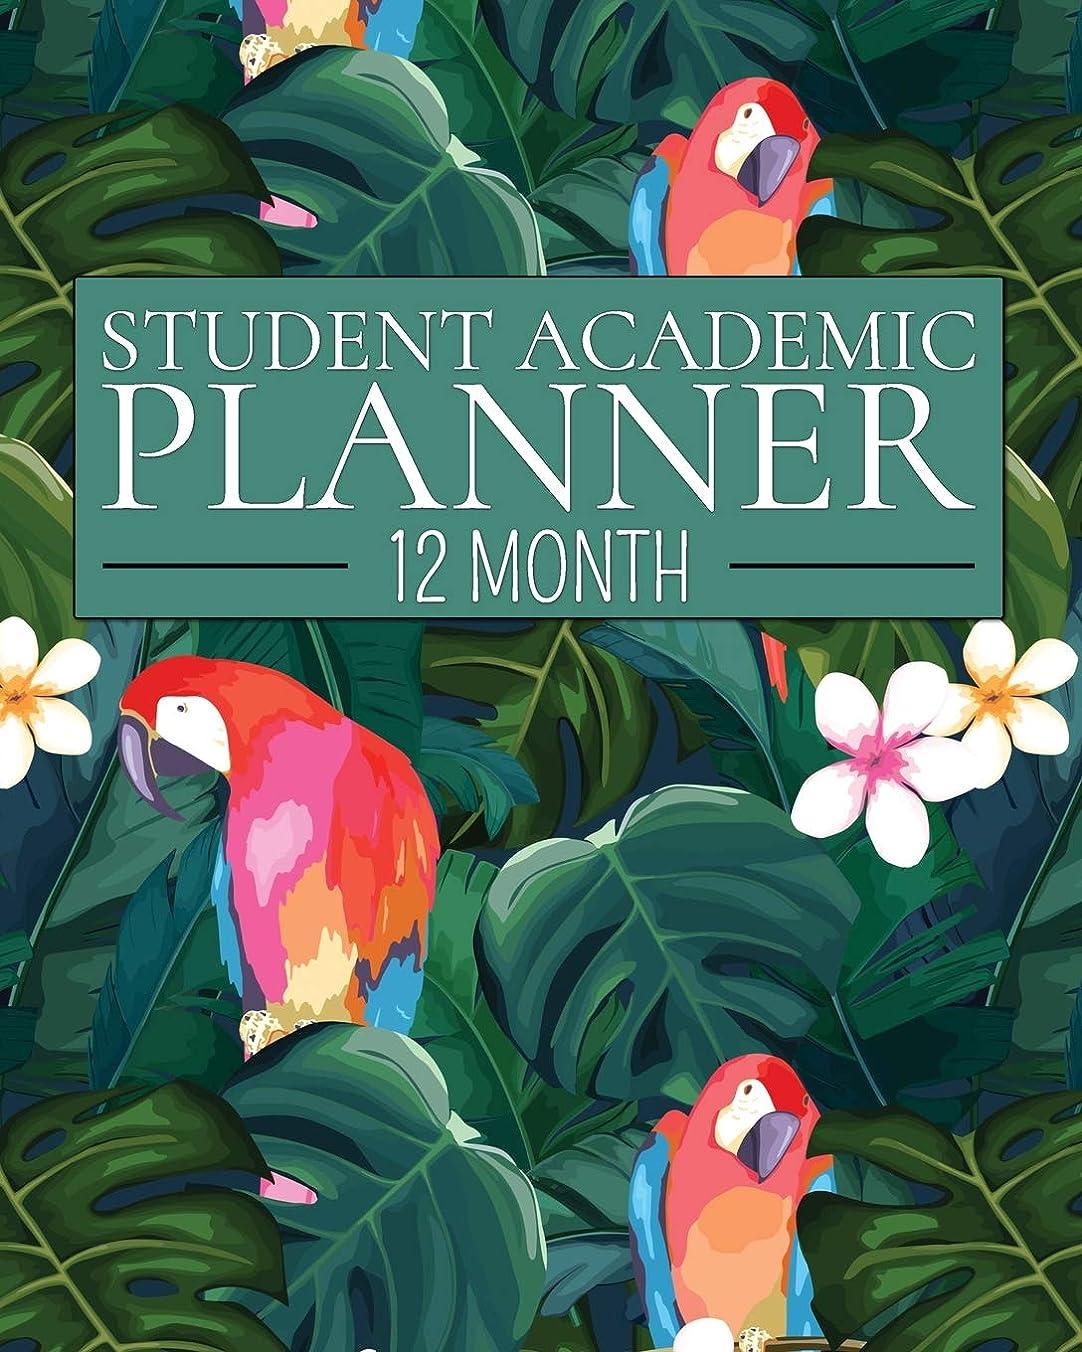 所属現れる弾性12 Month Student Academic Planner: Island Parrot 12-month study calendar helps elementary, high school and college students prioritize and manage homework assignments and class project (Flexible Student Academic Planner)